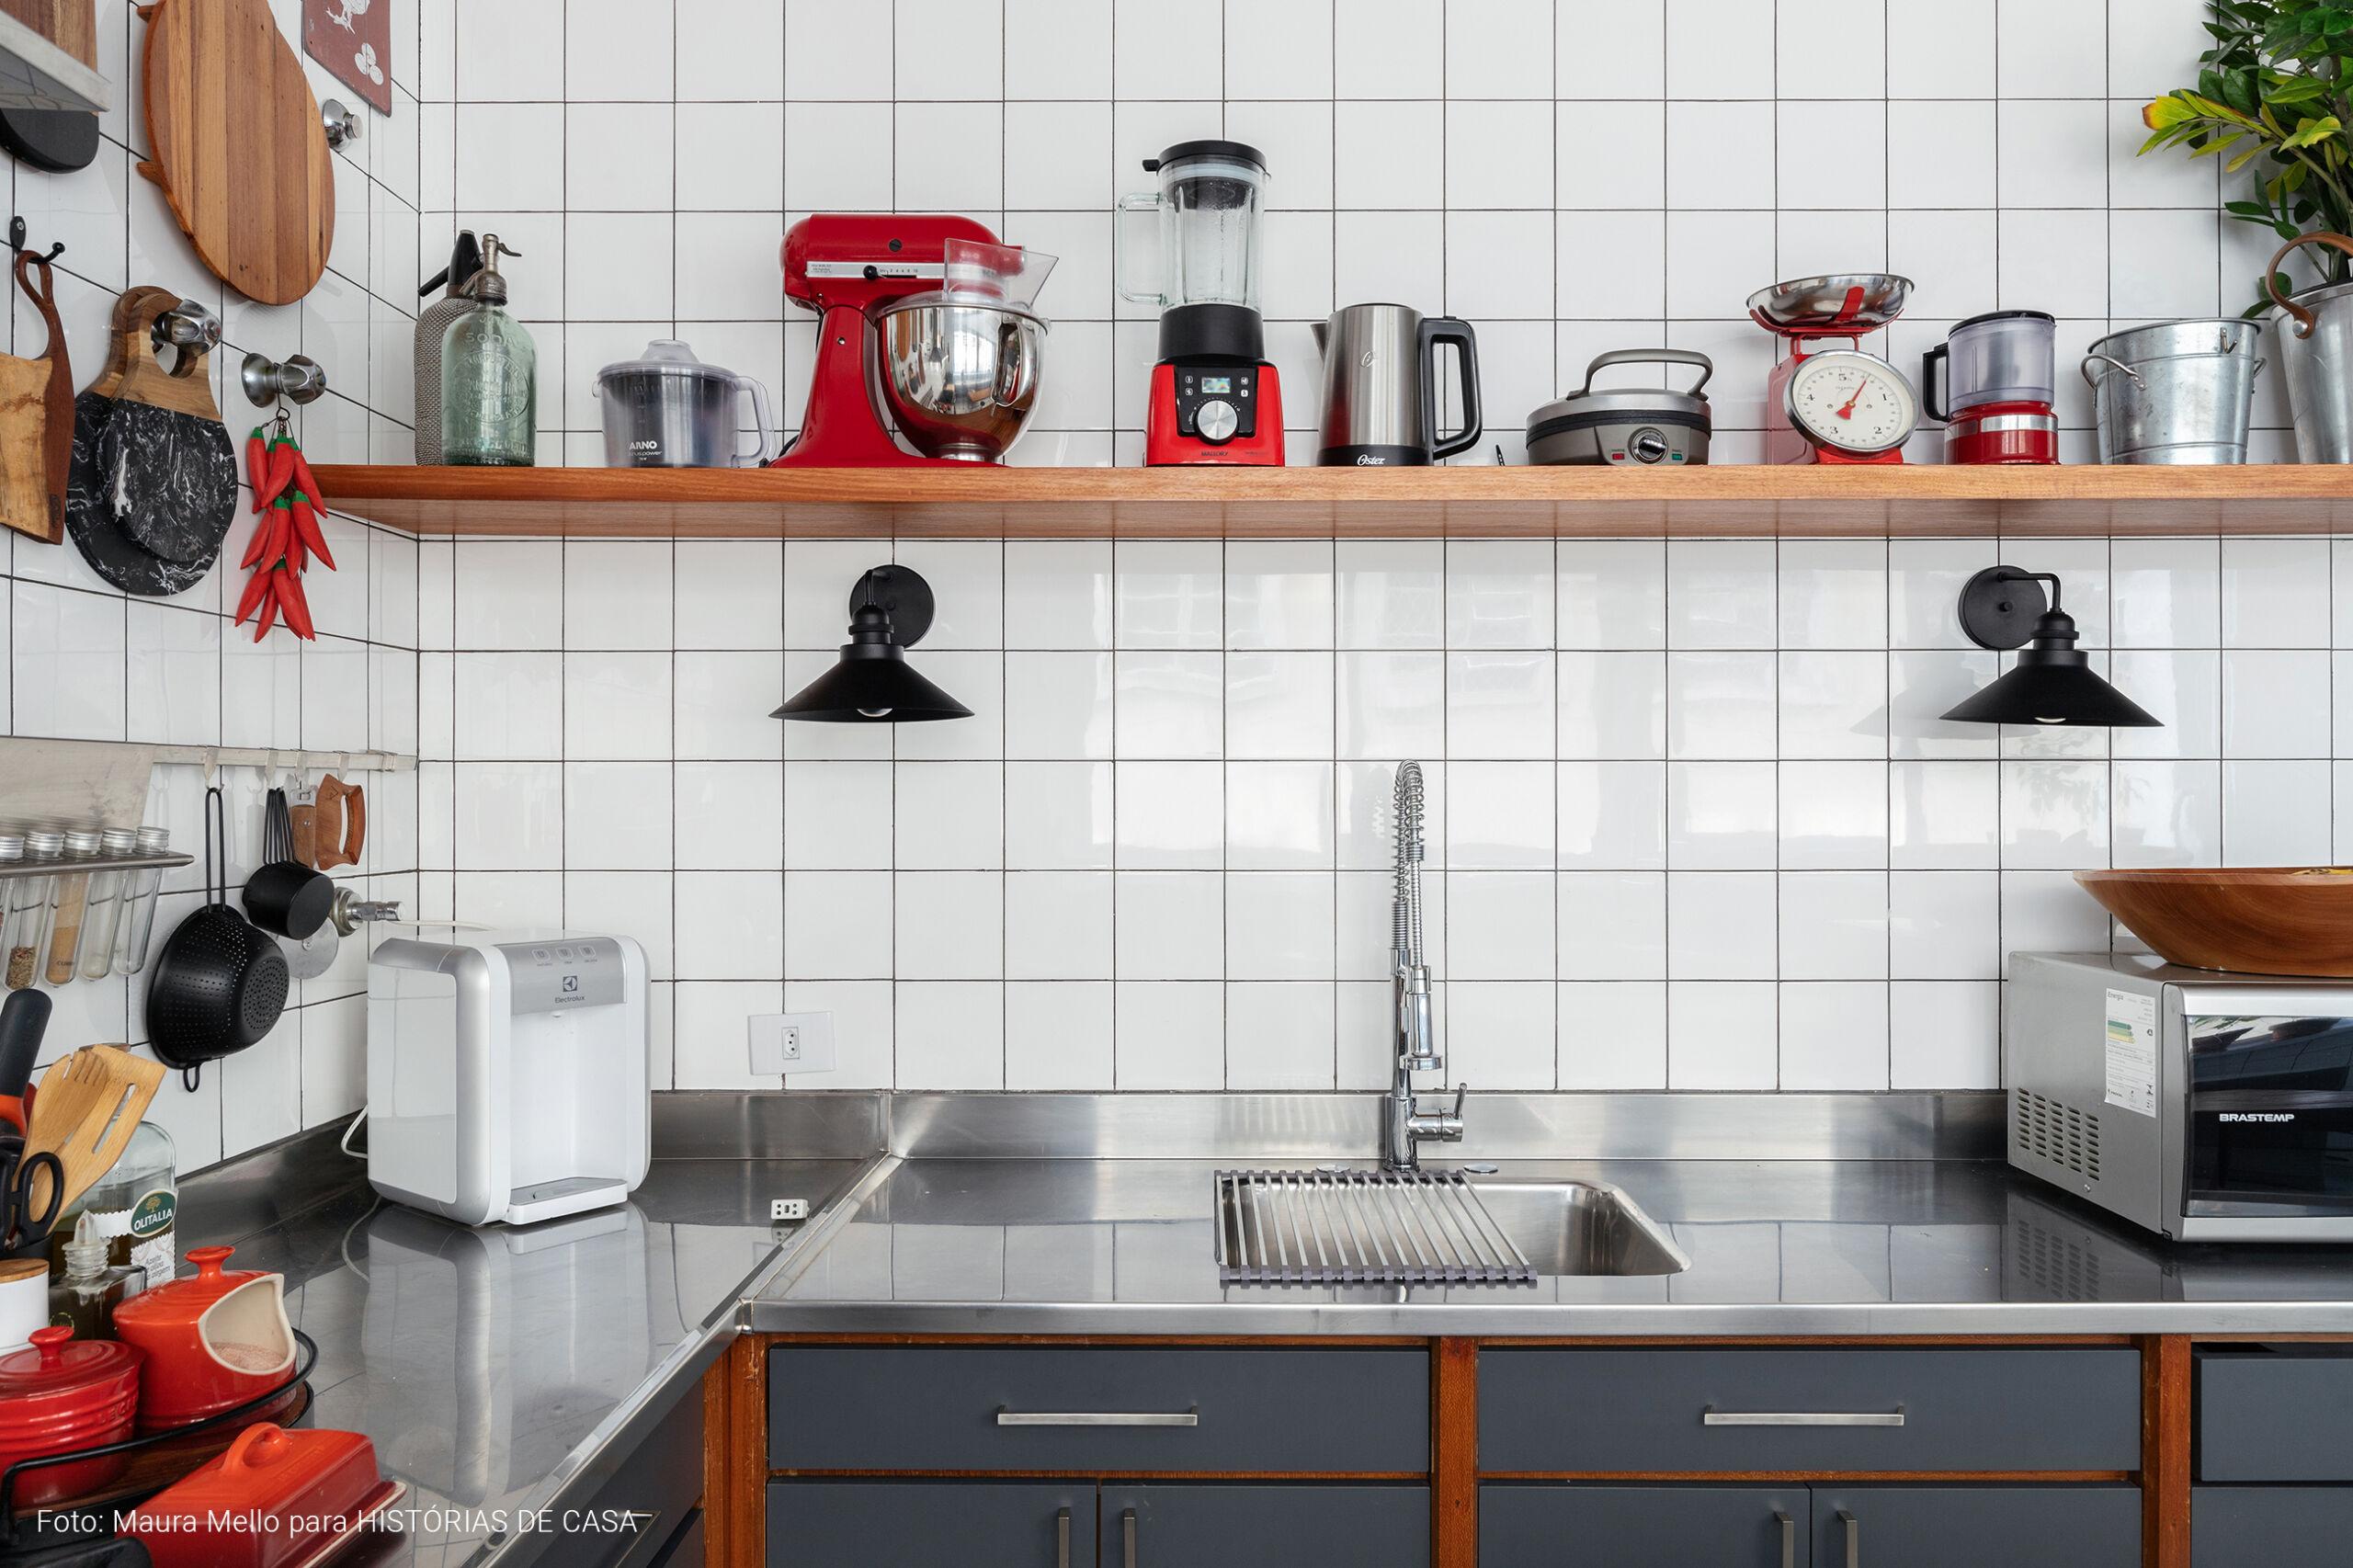 Cozinha com acabamentos escuros e clima industrial